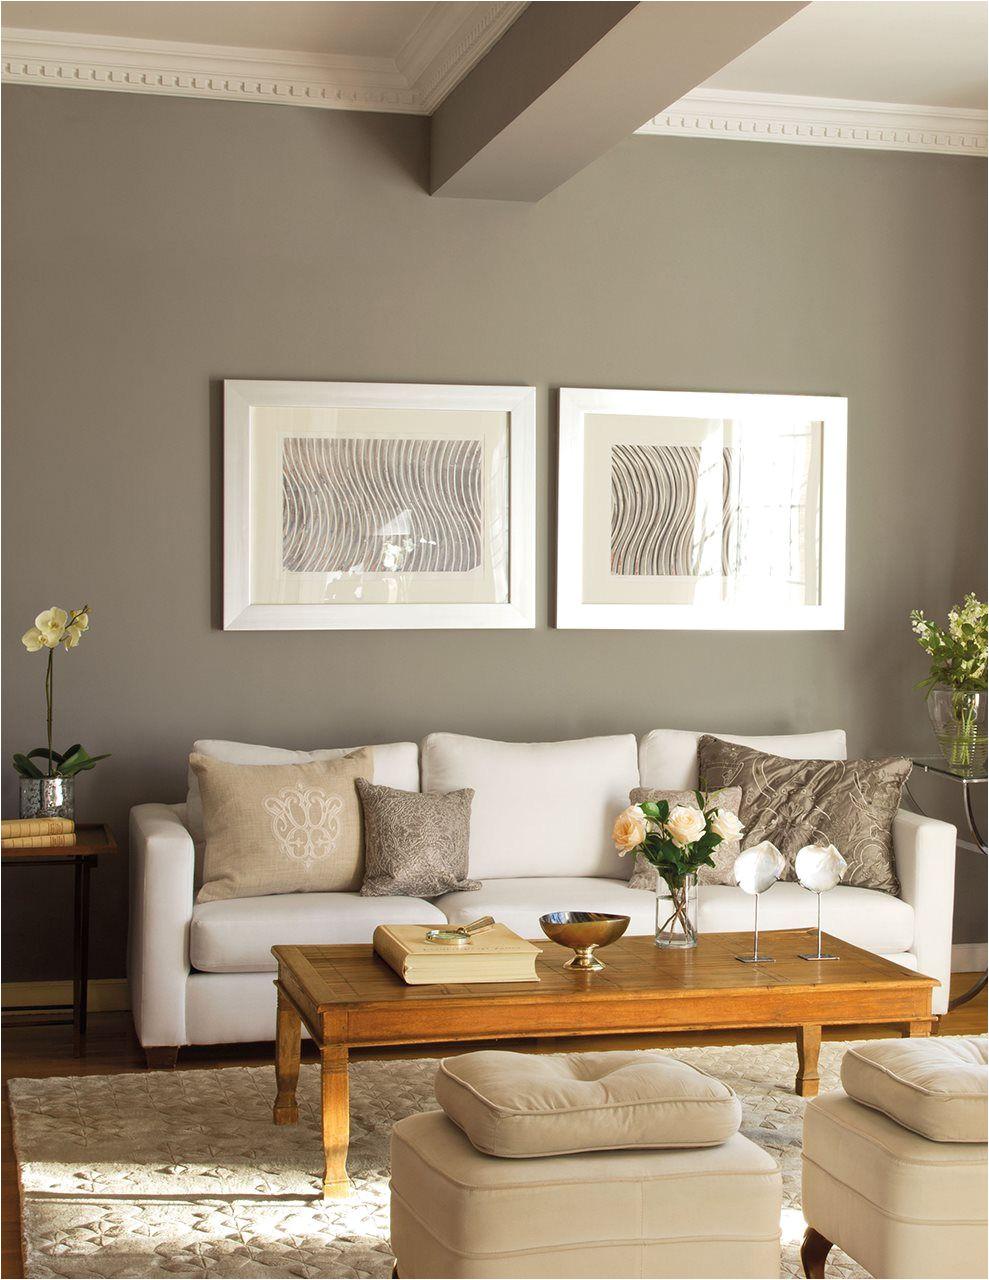 sala n con moldura en el techo pared gris y dos cuadros sobre el sofa dos obras en serie